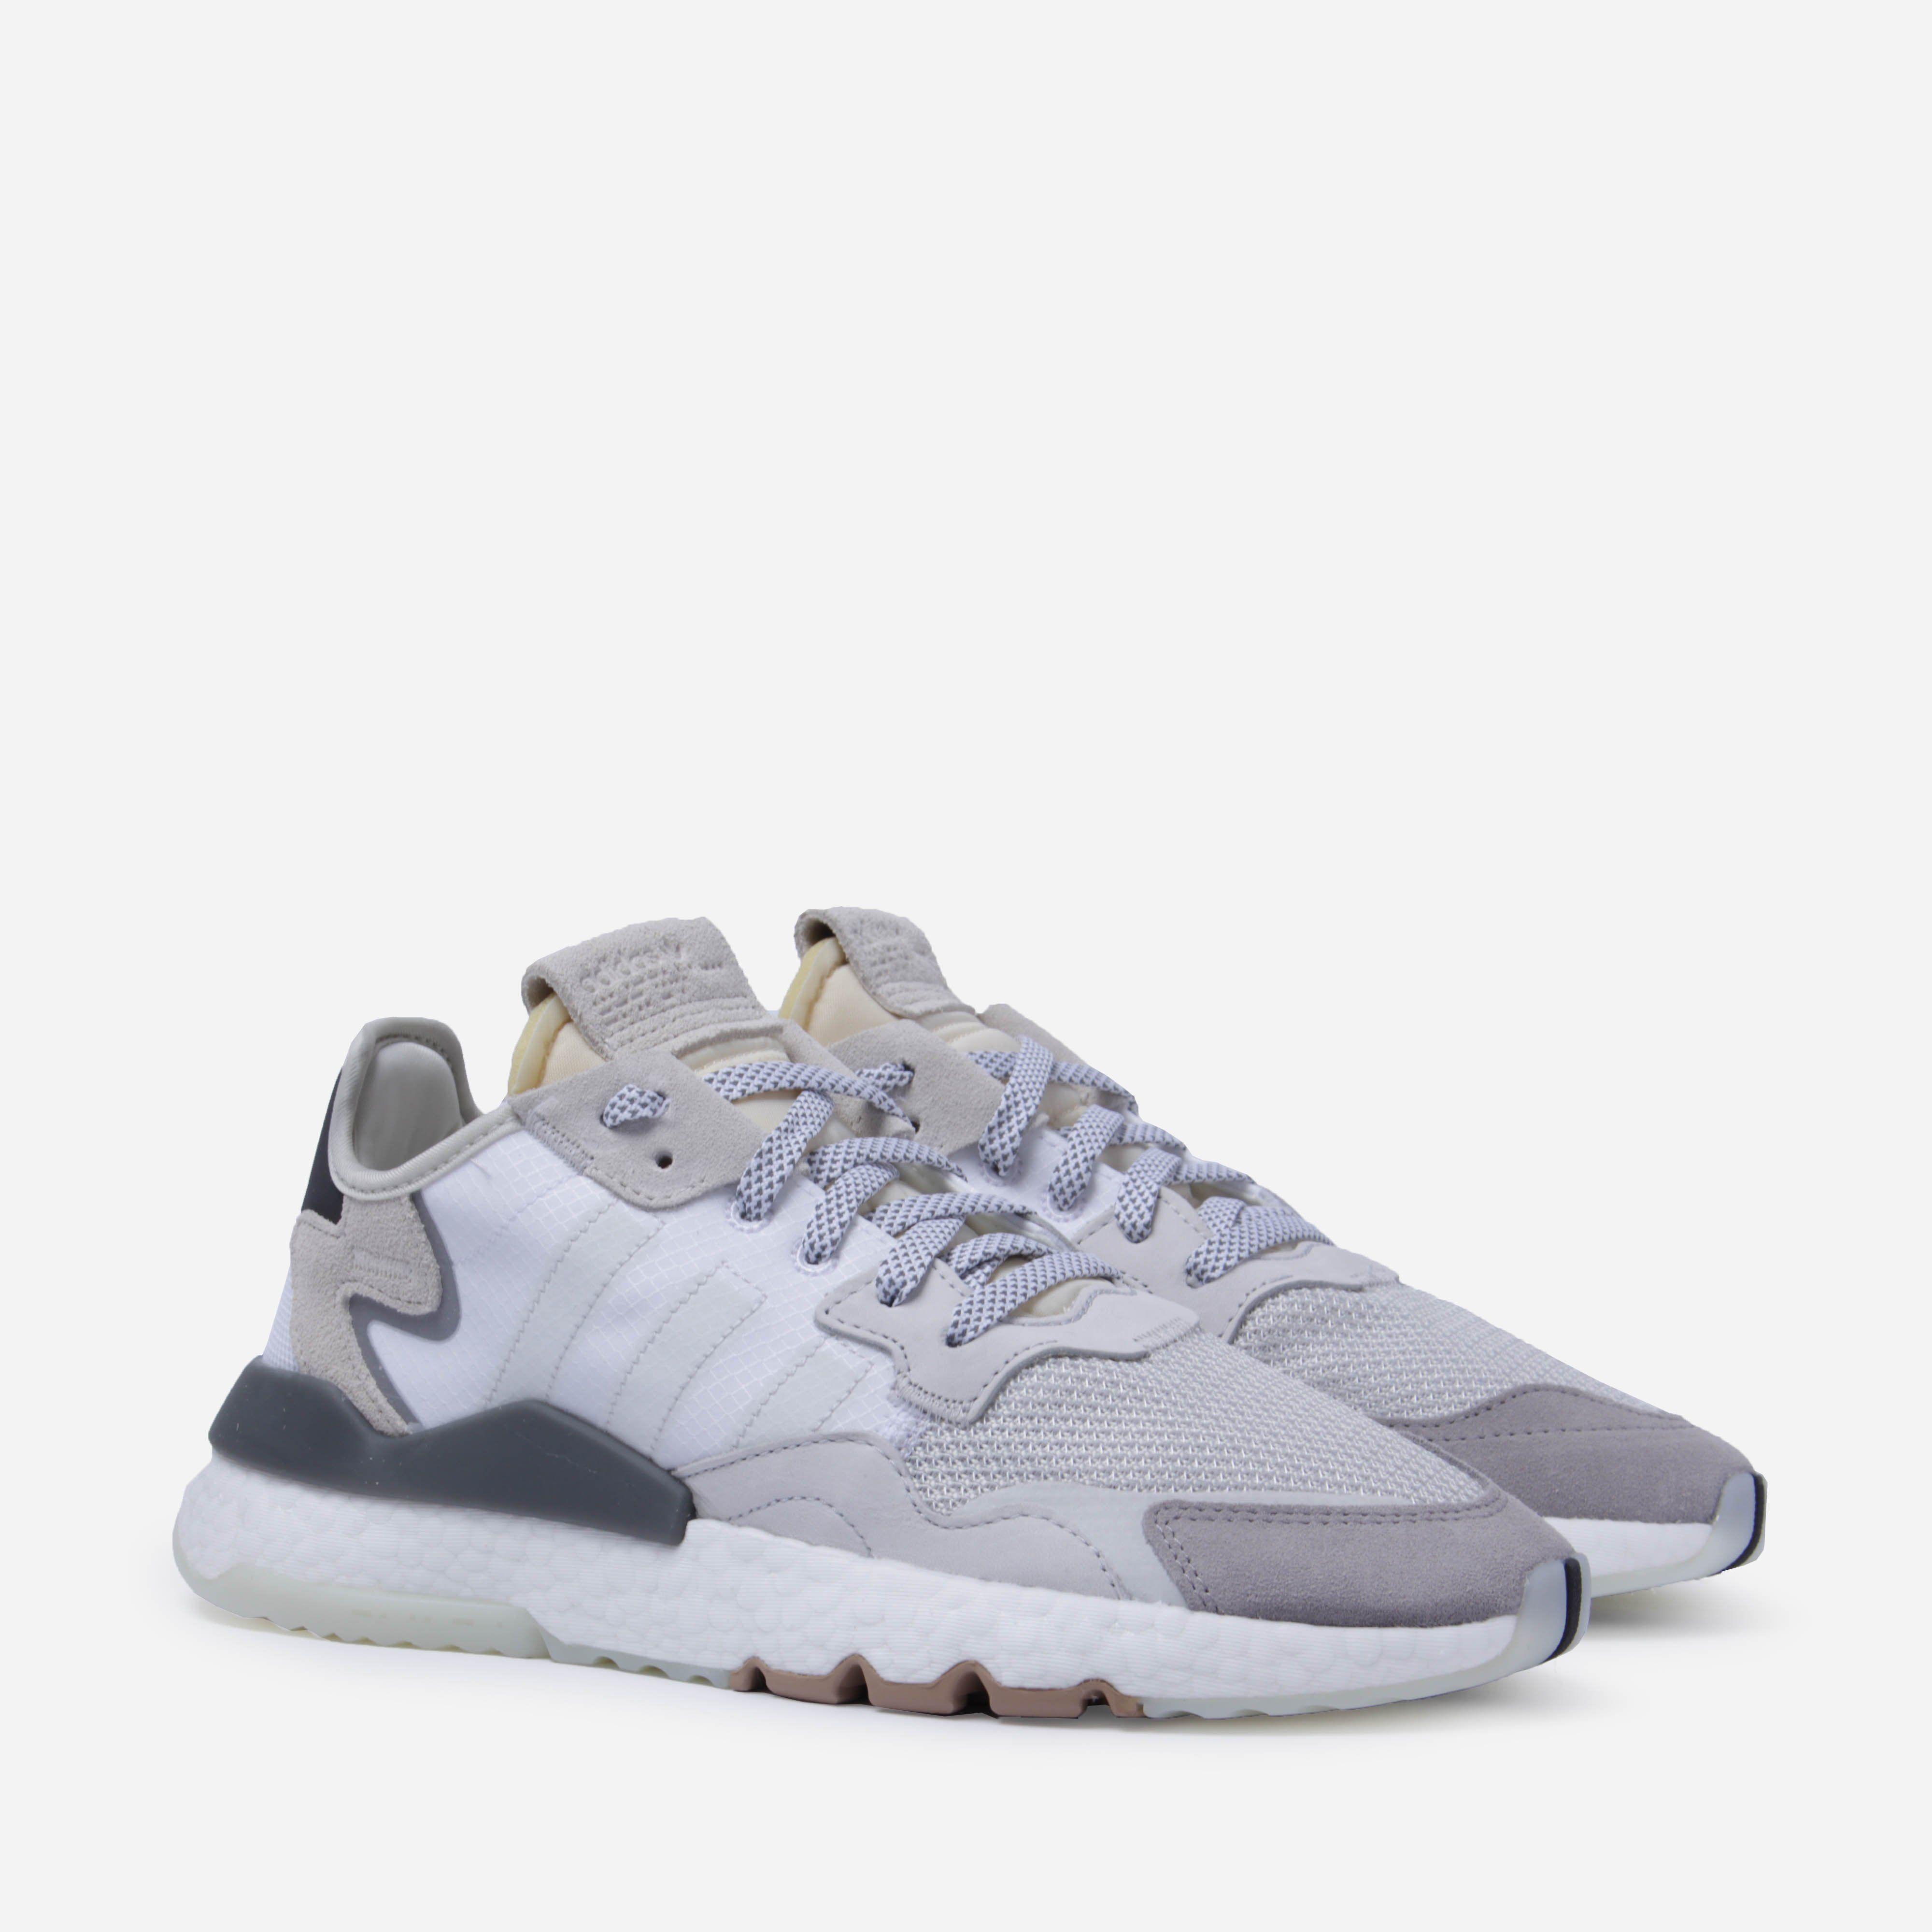 the latest 82a75 474bf adidas Originals Nite Jogger   The Hip Store